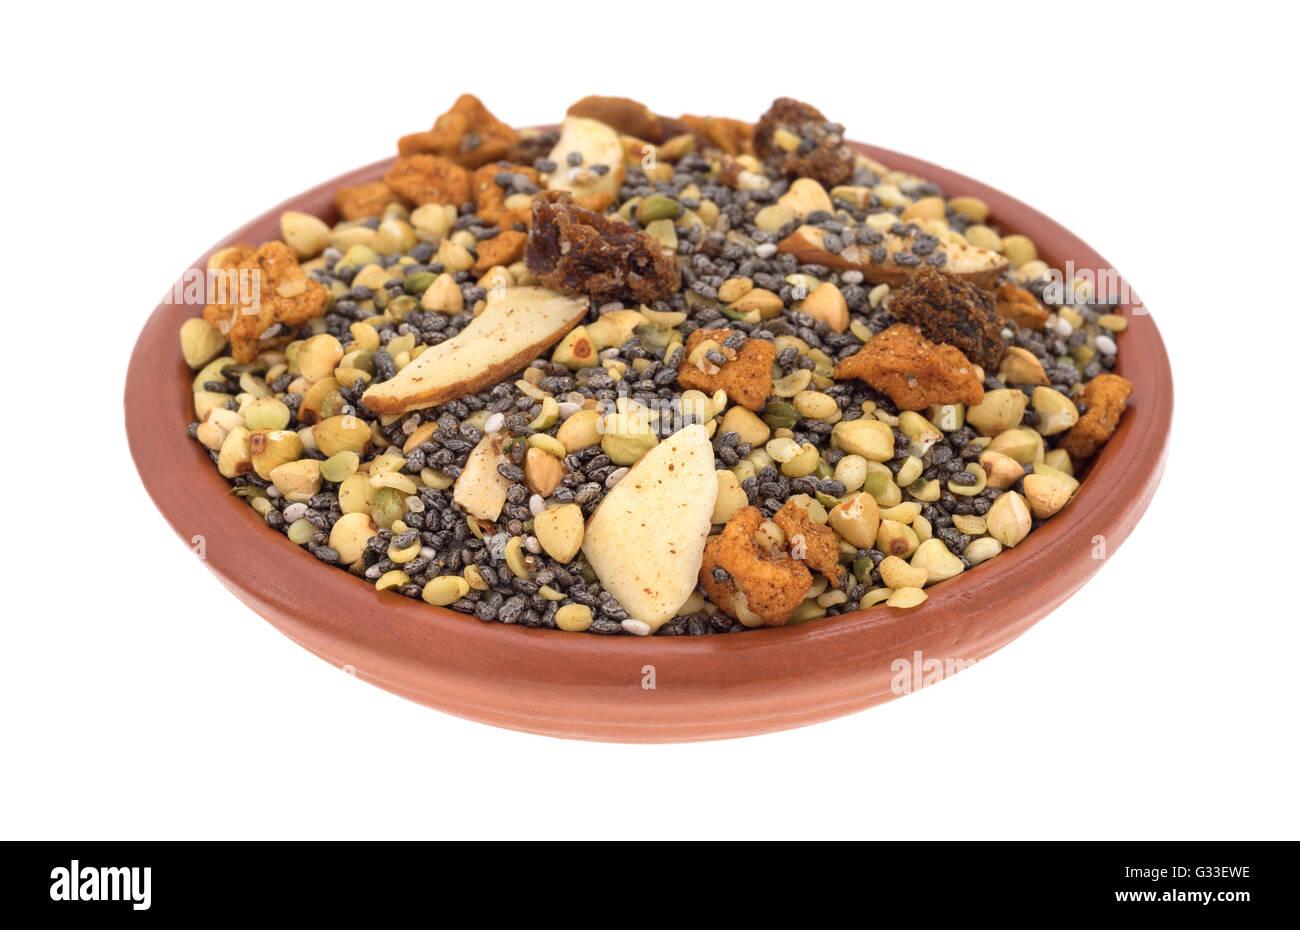 Un petit bol rempli de céréales à déjeuner sèches composé de graines de chia, noix, Photo Stock